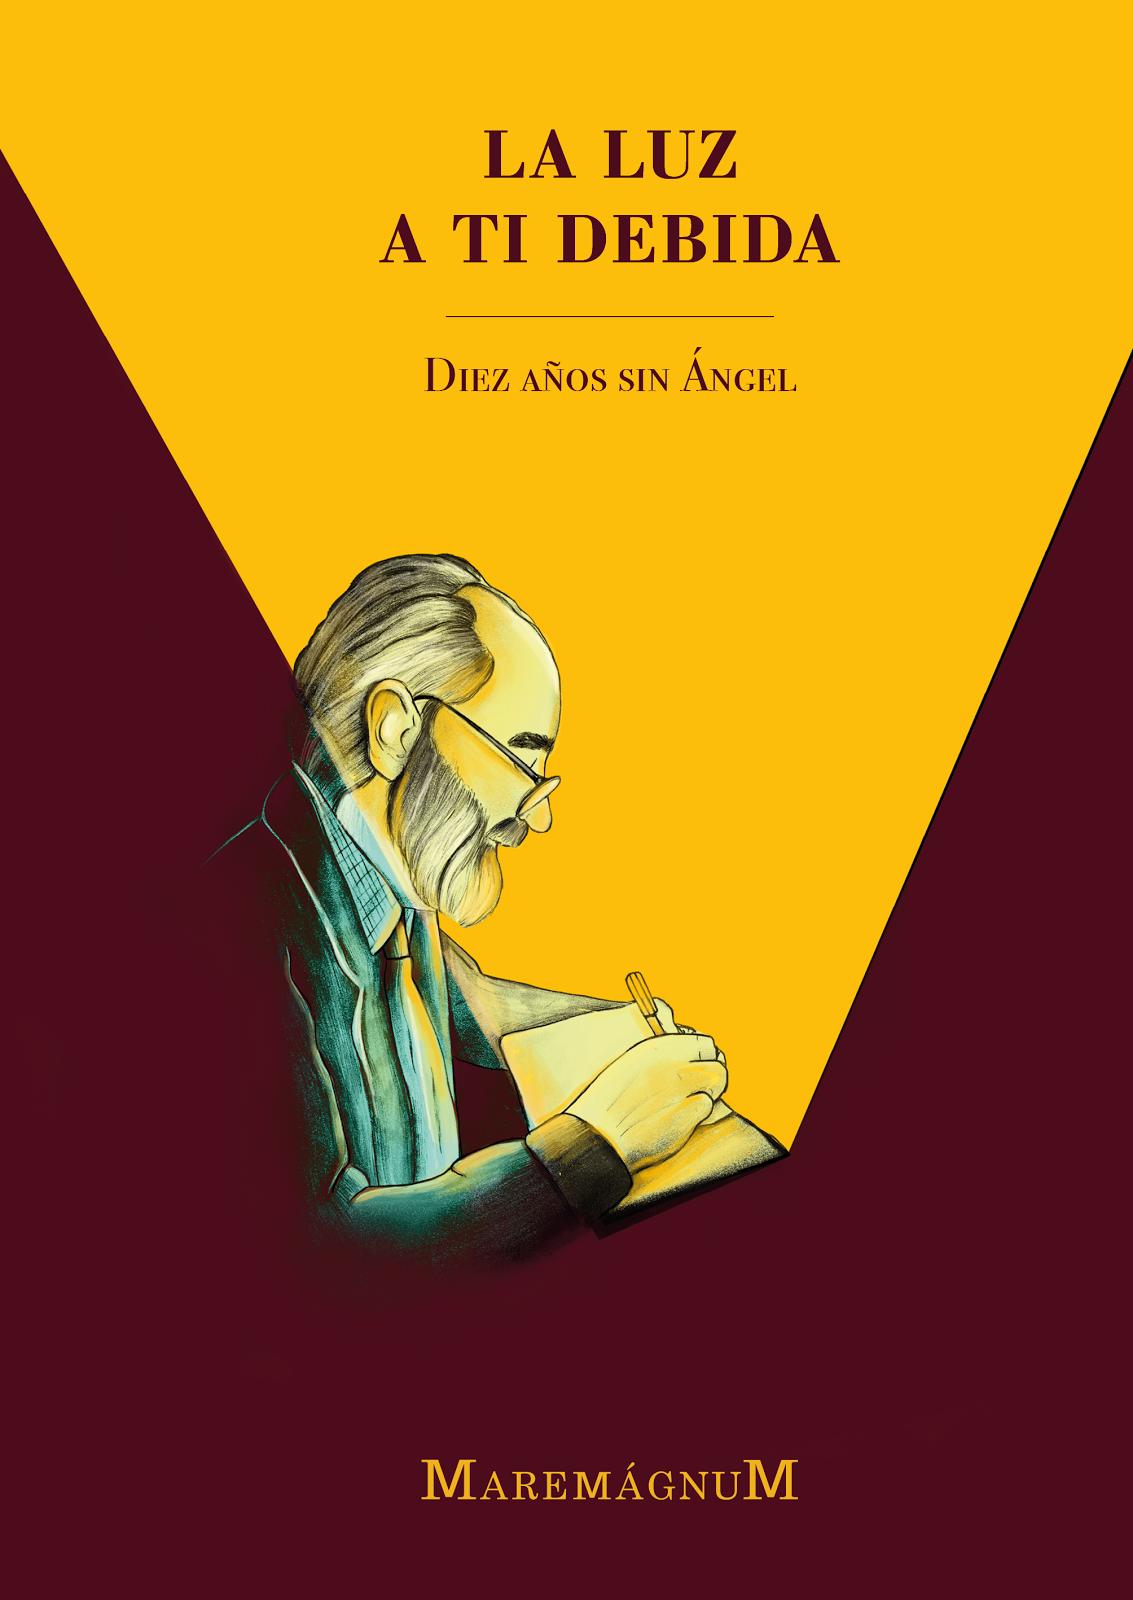 La luz a ti debida. Monográfico homenaje a Ángel González.